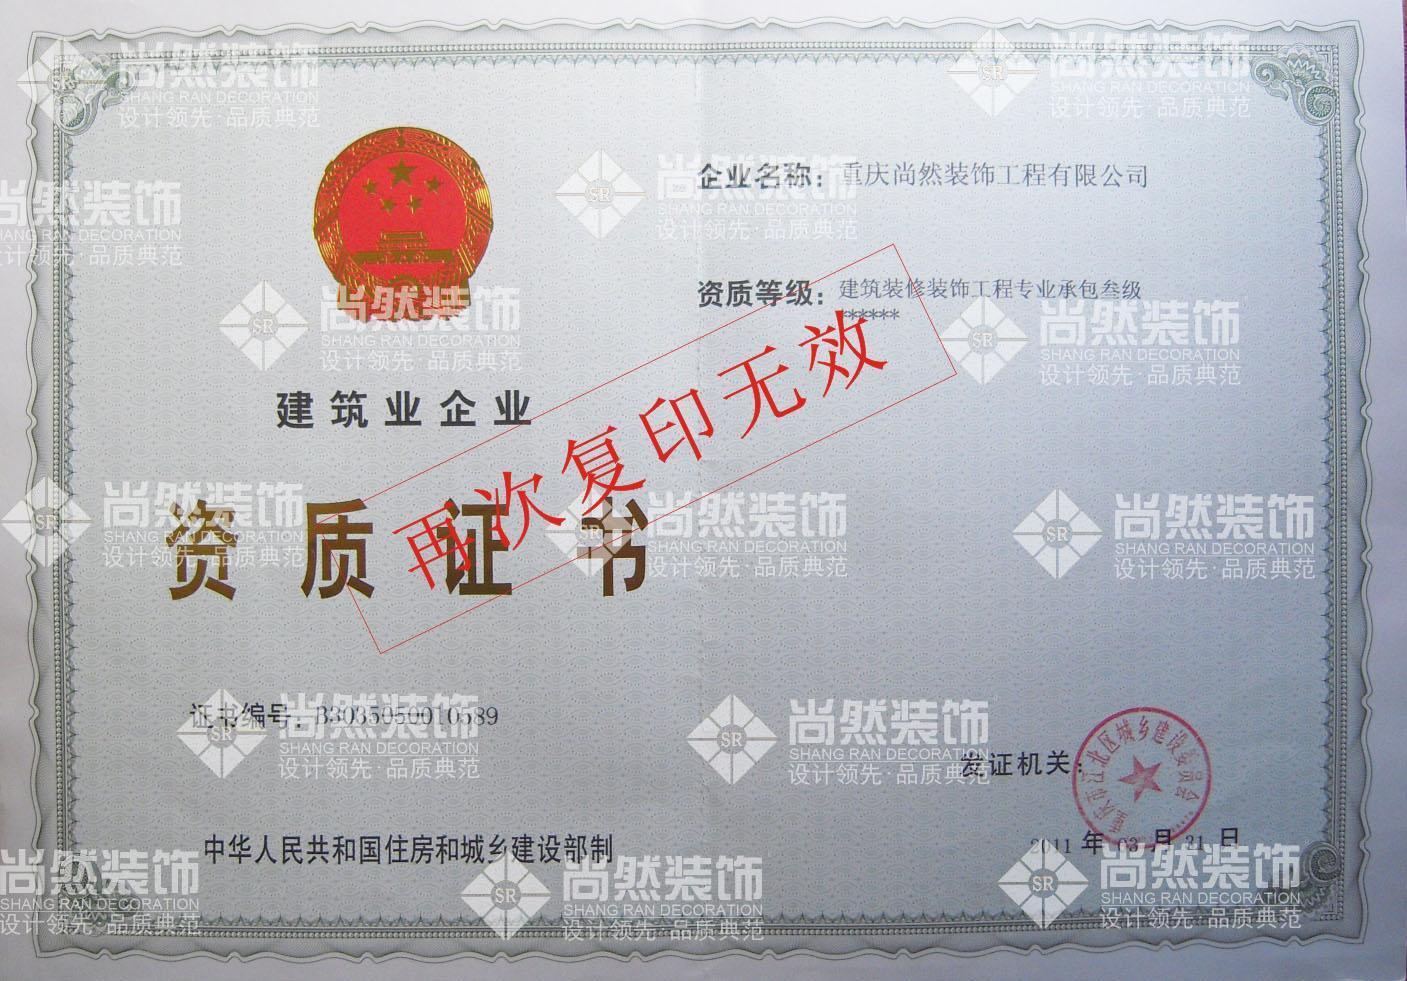 重庆尚然装饰工程有限公司营业执照